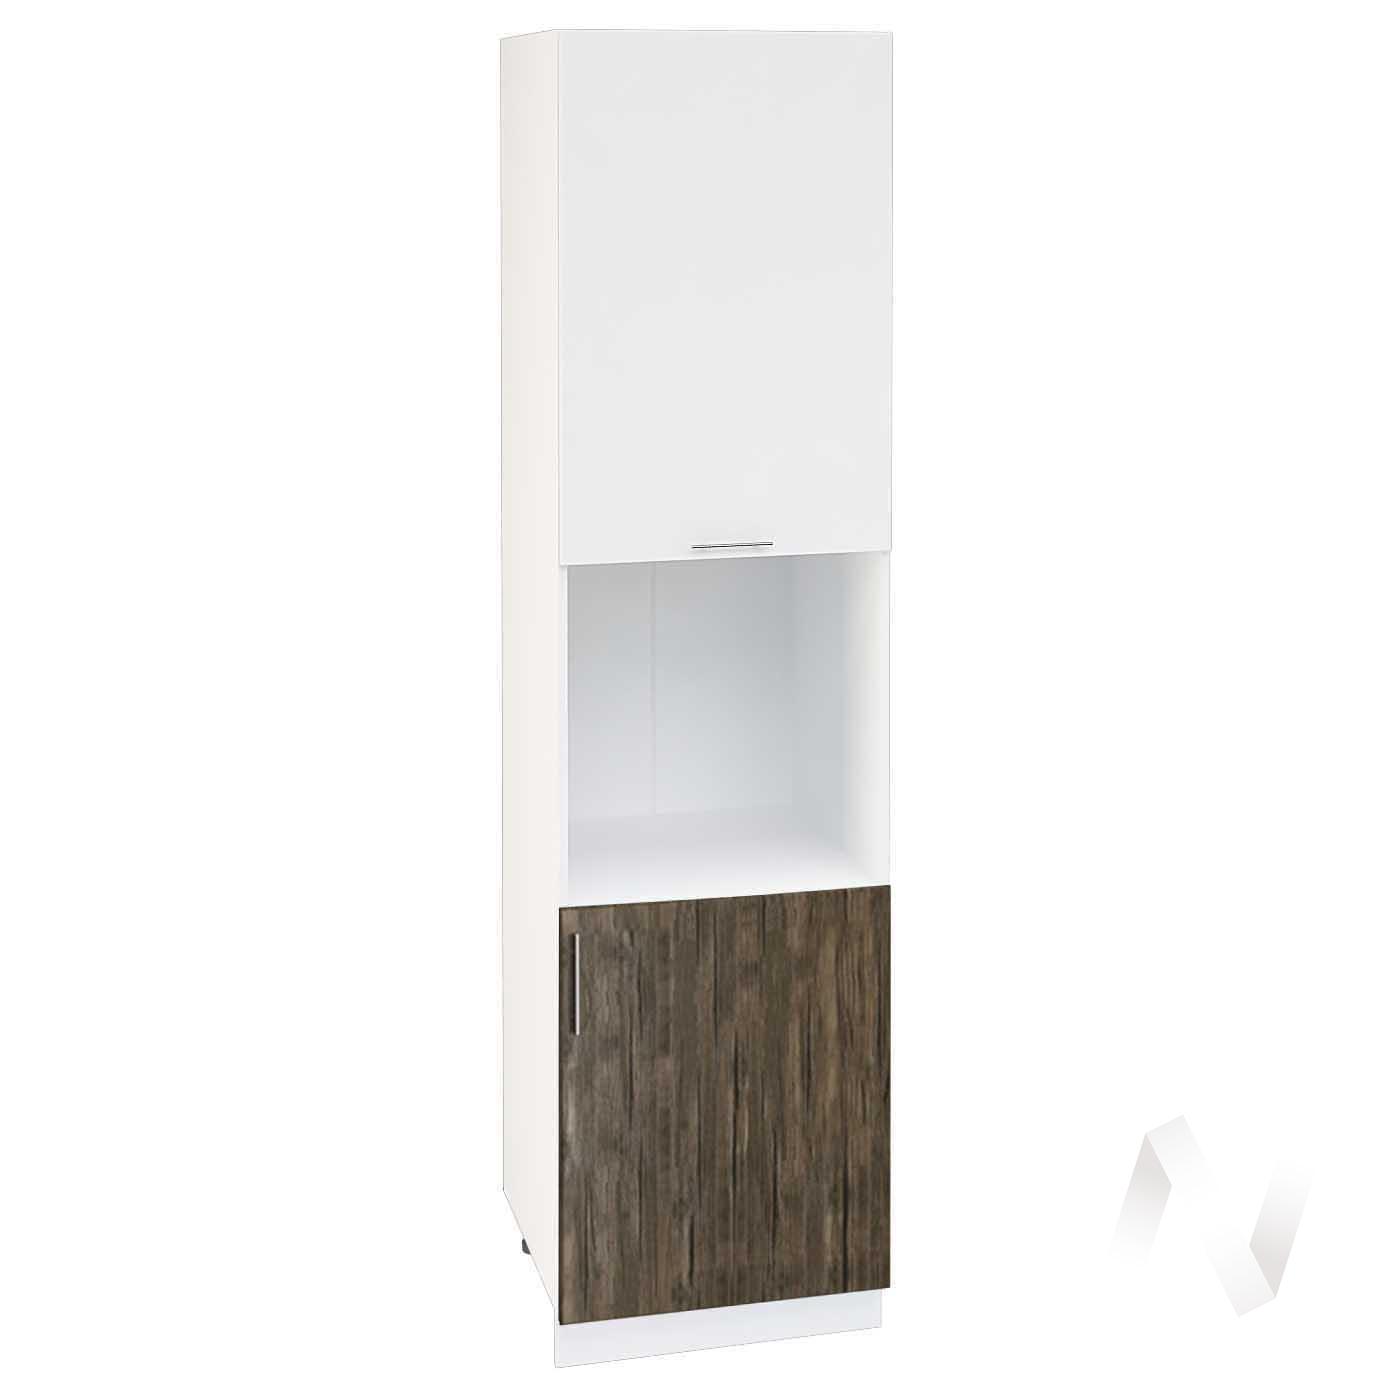 """Кухня """"Норден"""": Шкаф пенал 600Н, ШП 600Н (старое дерево/белый глянец/корпус белый)"""